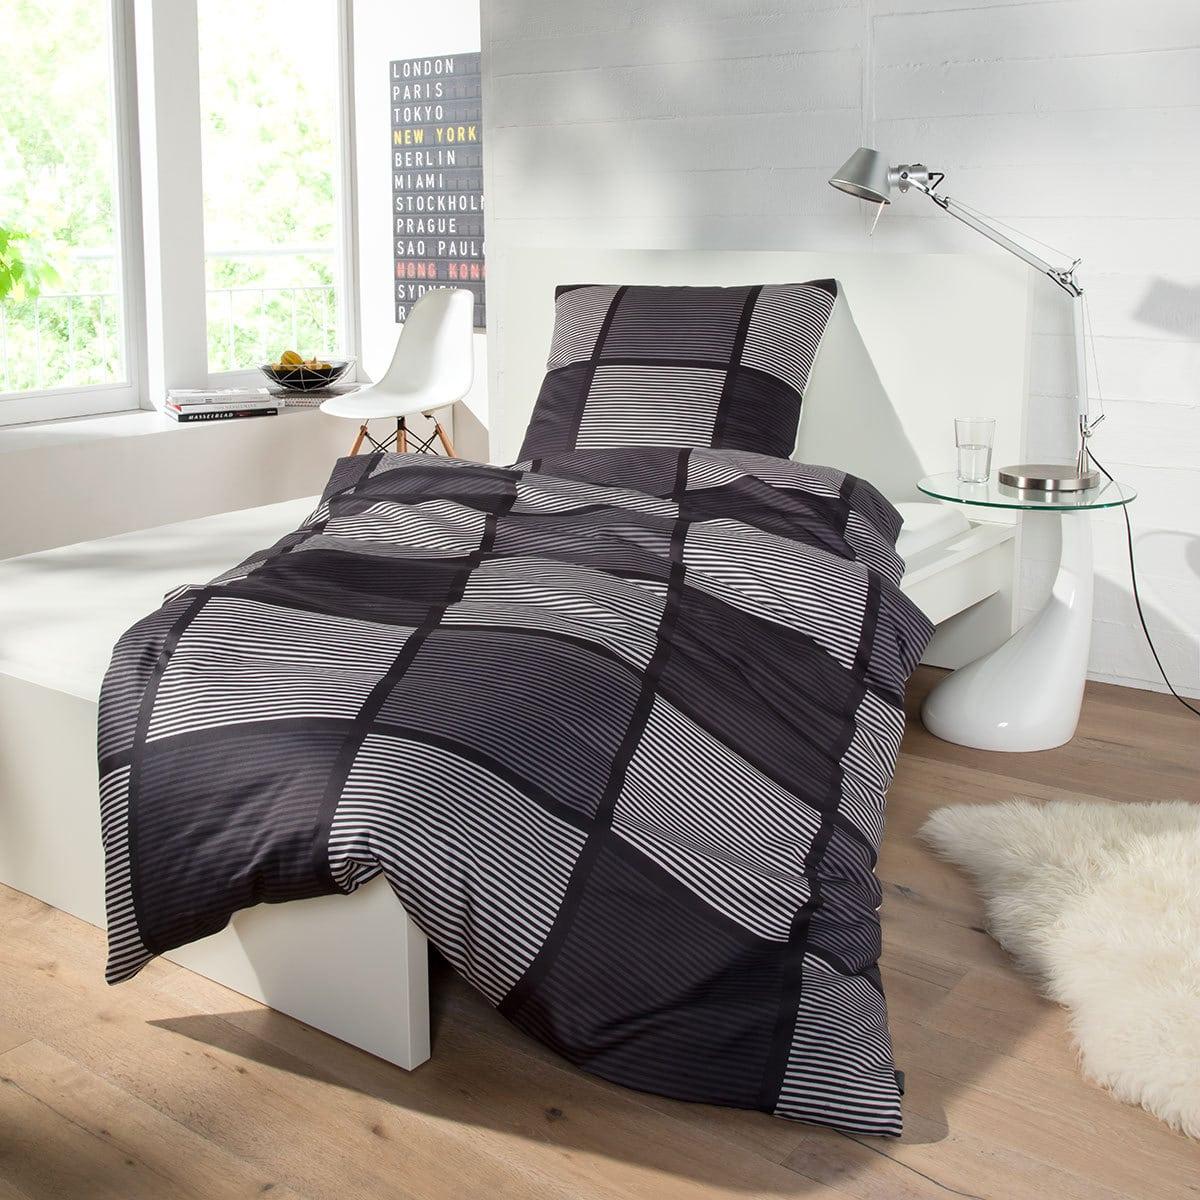 bugatti mako satin bettw sche squares black g nstig online kaufen bei bettwaren shop. Black Bedroom Furniture Sets. Home Design Ideas